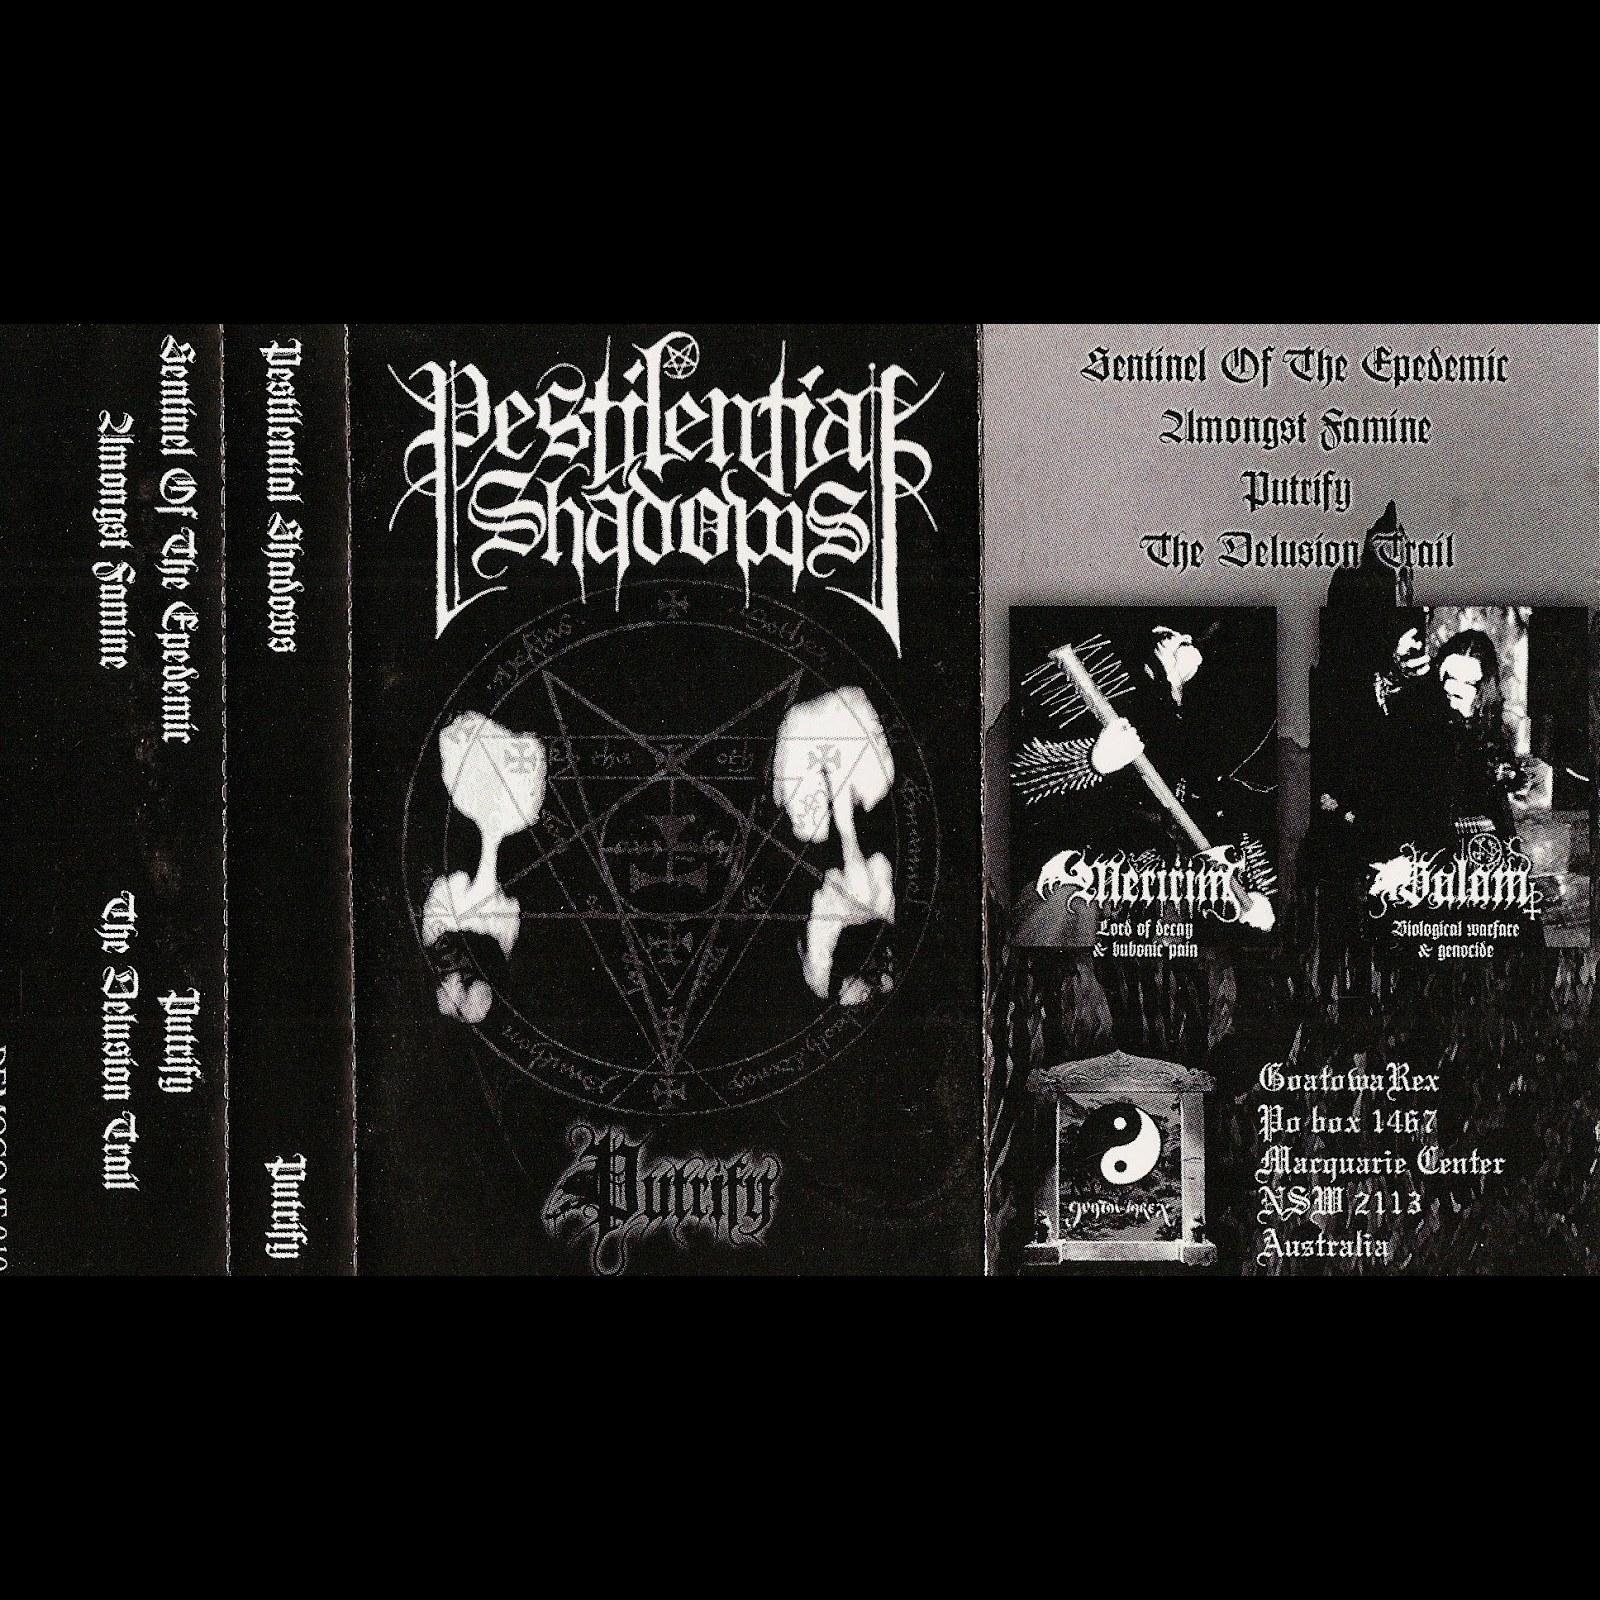 Reviews for Pestilential Shadows - Putrify